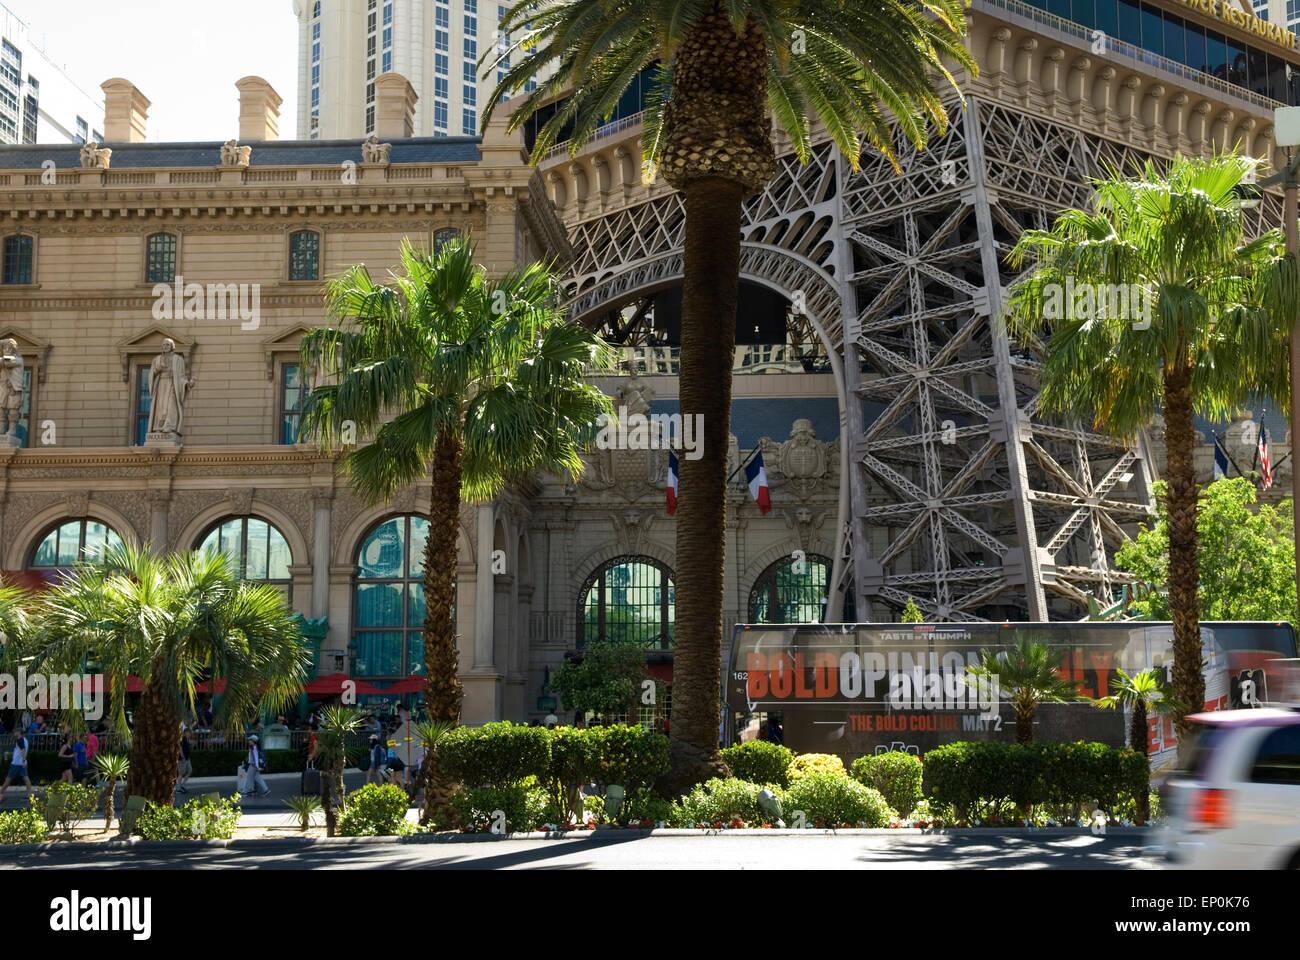 Paris Hotel and Casino Las Vegas Nevada USA - Stock Image